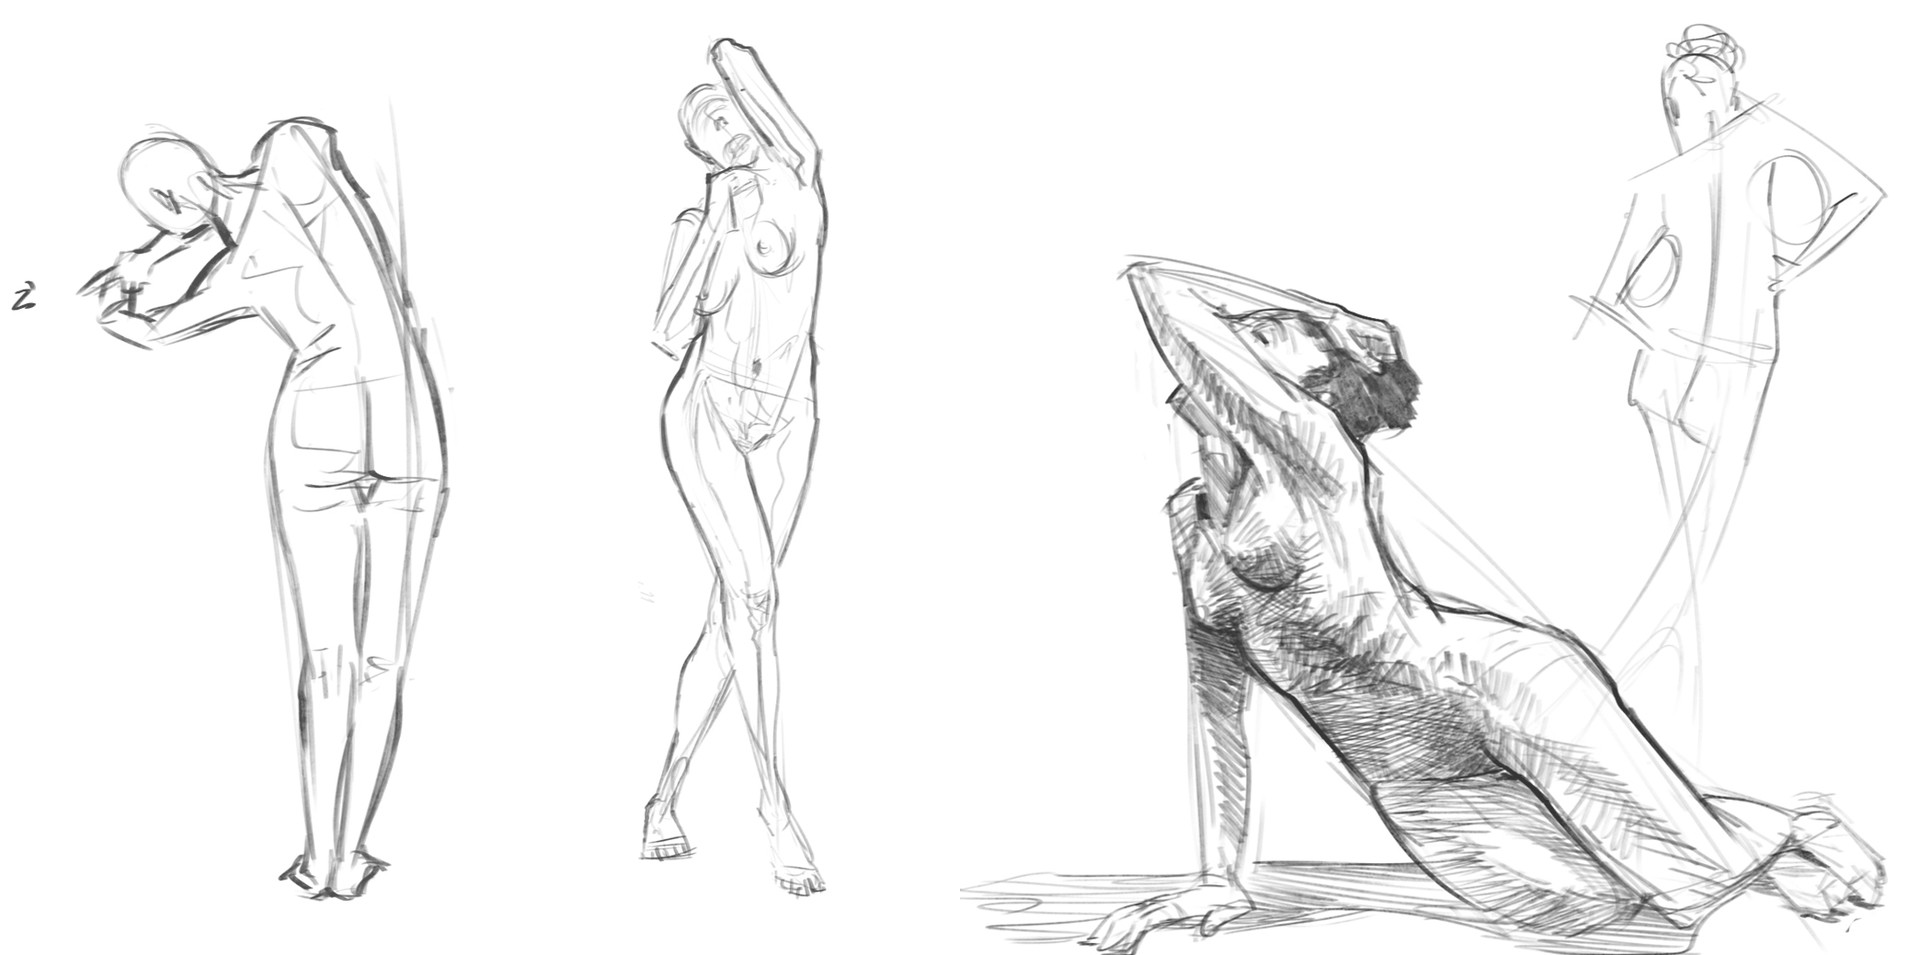 ArtStation - Figure Drawing, Ju Bel